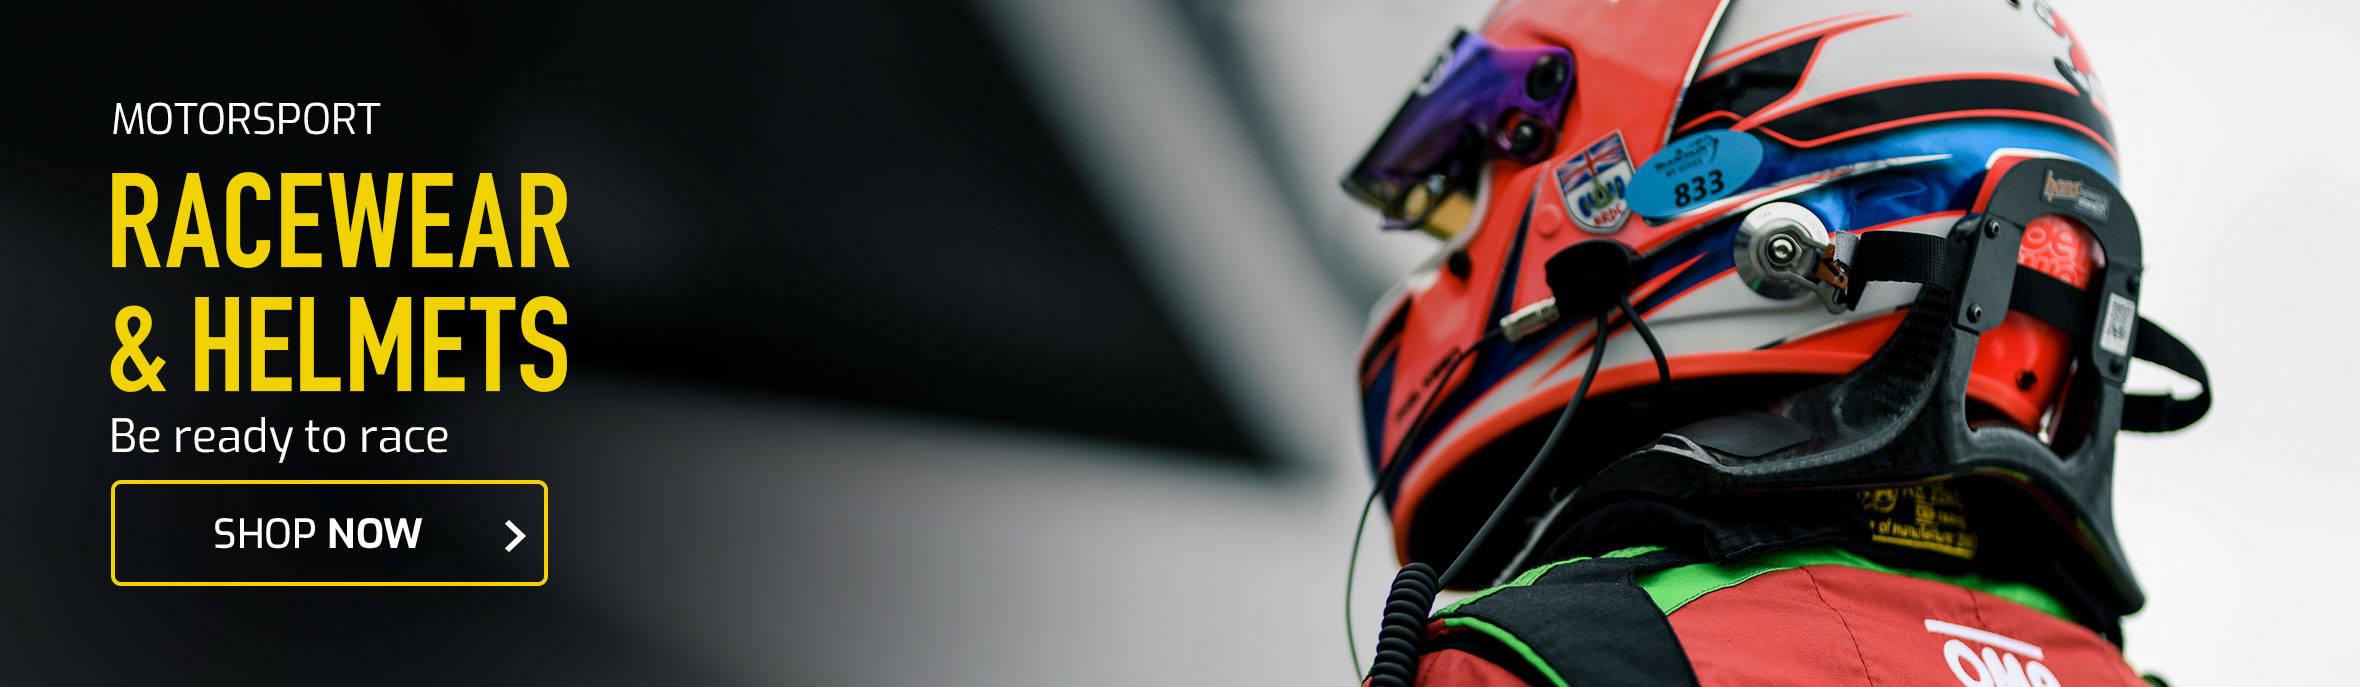 Shop Racewear & Helmets